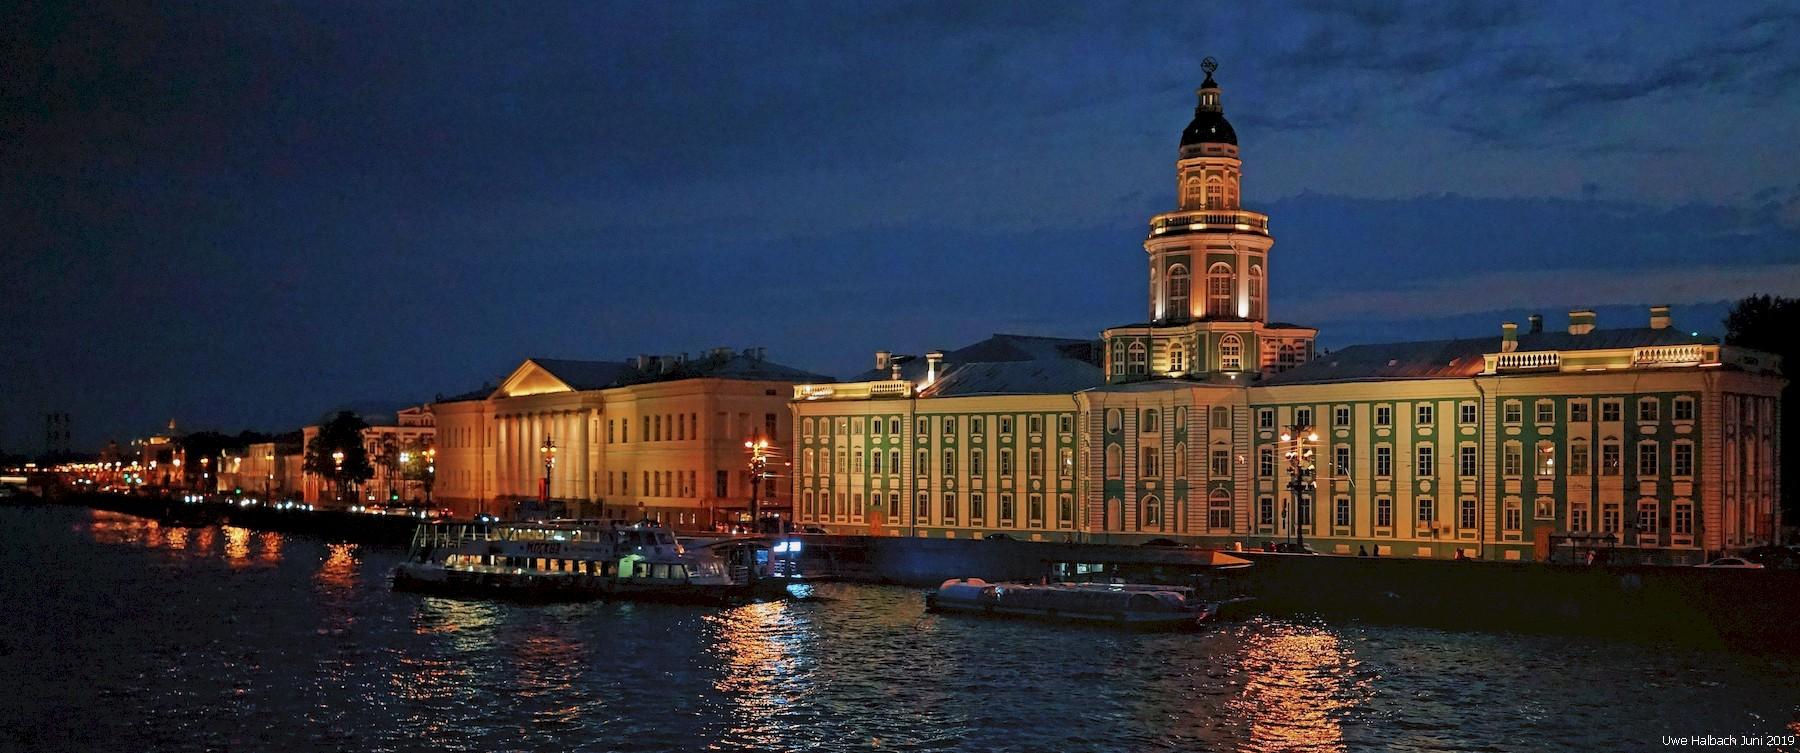 18-Petersburg-abends-1800